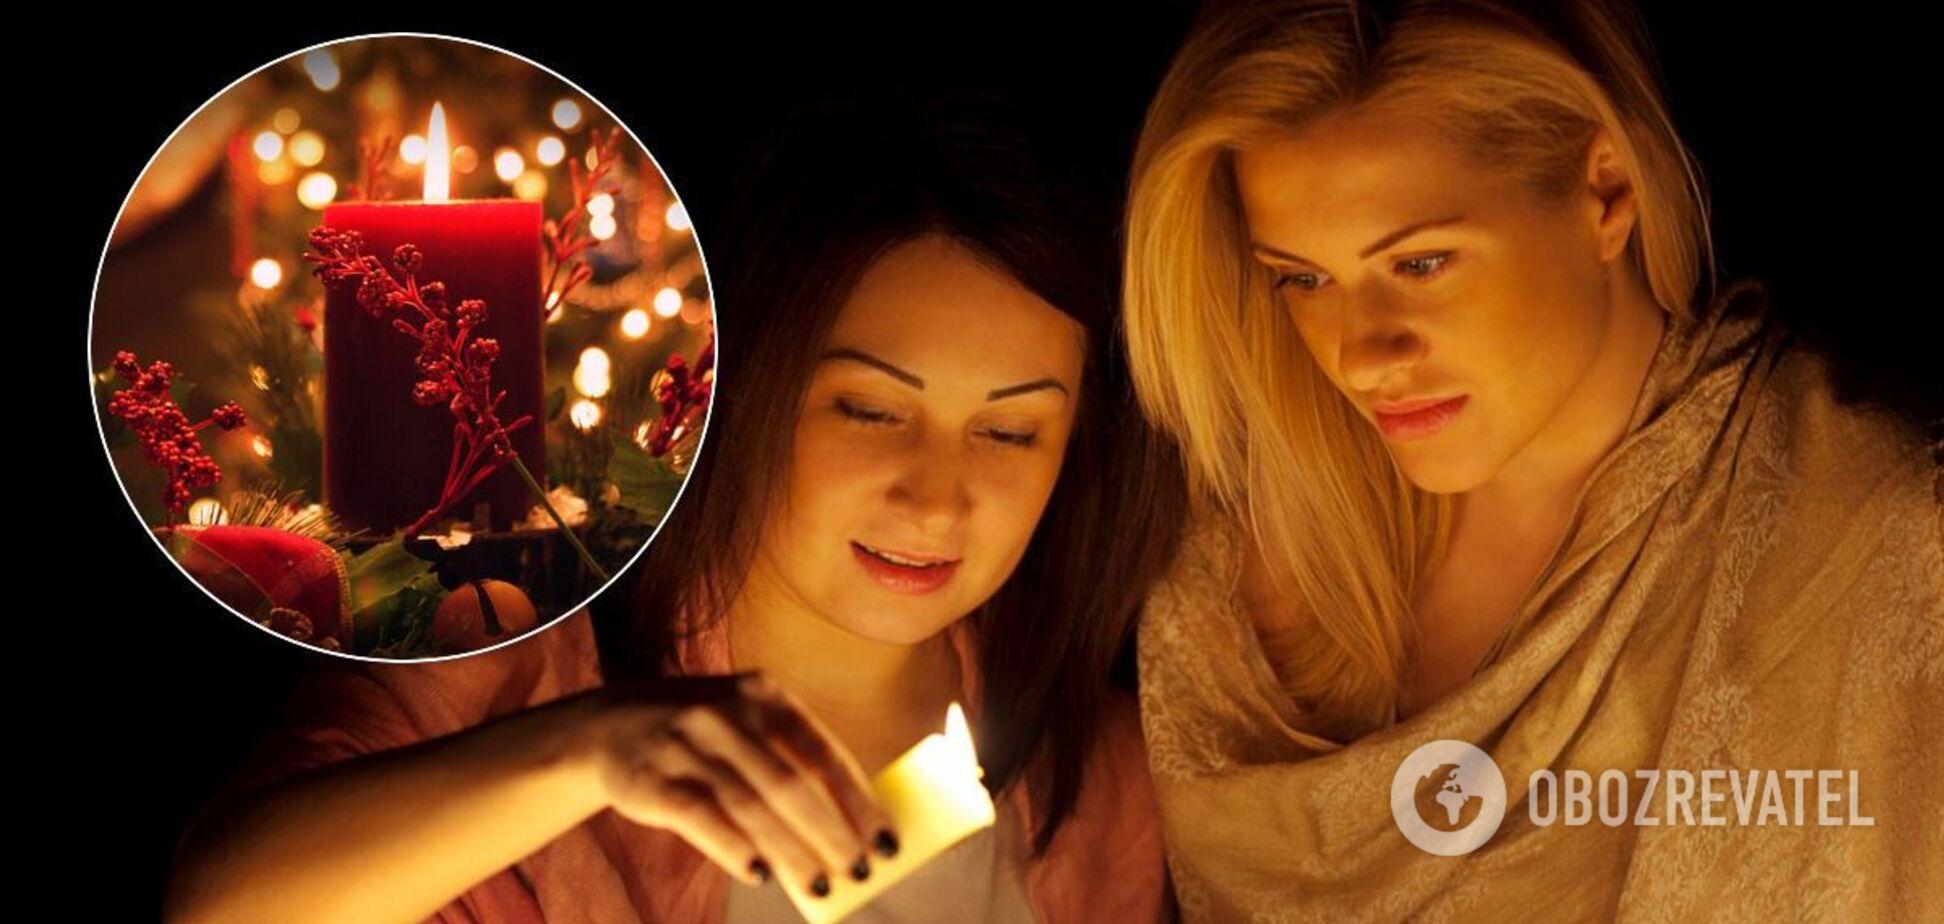 В народе считается, что в Рождество усиливается связь с потусторонним миром